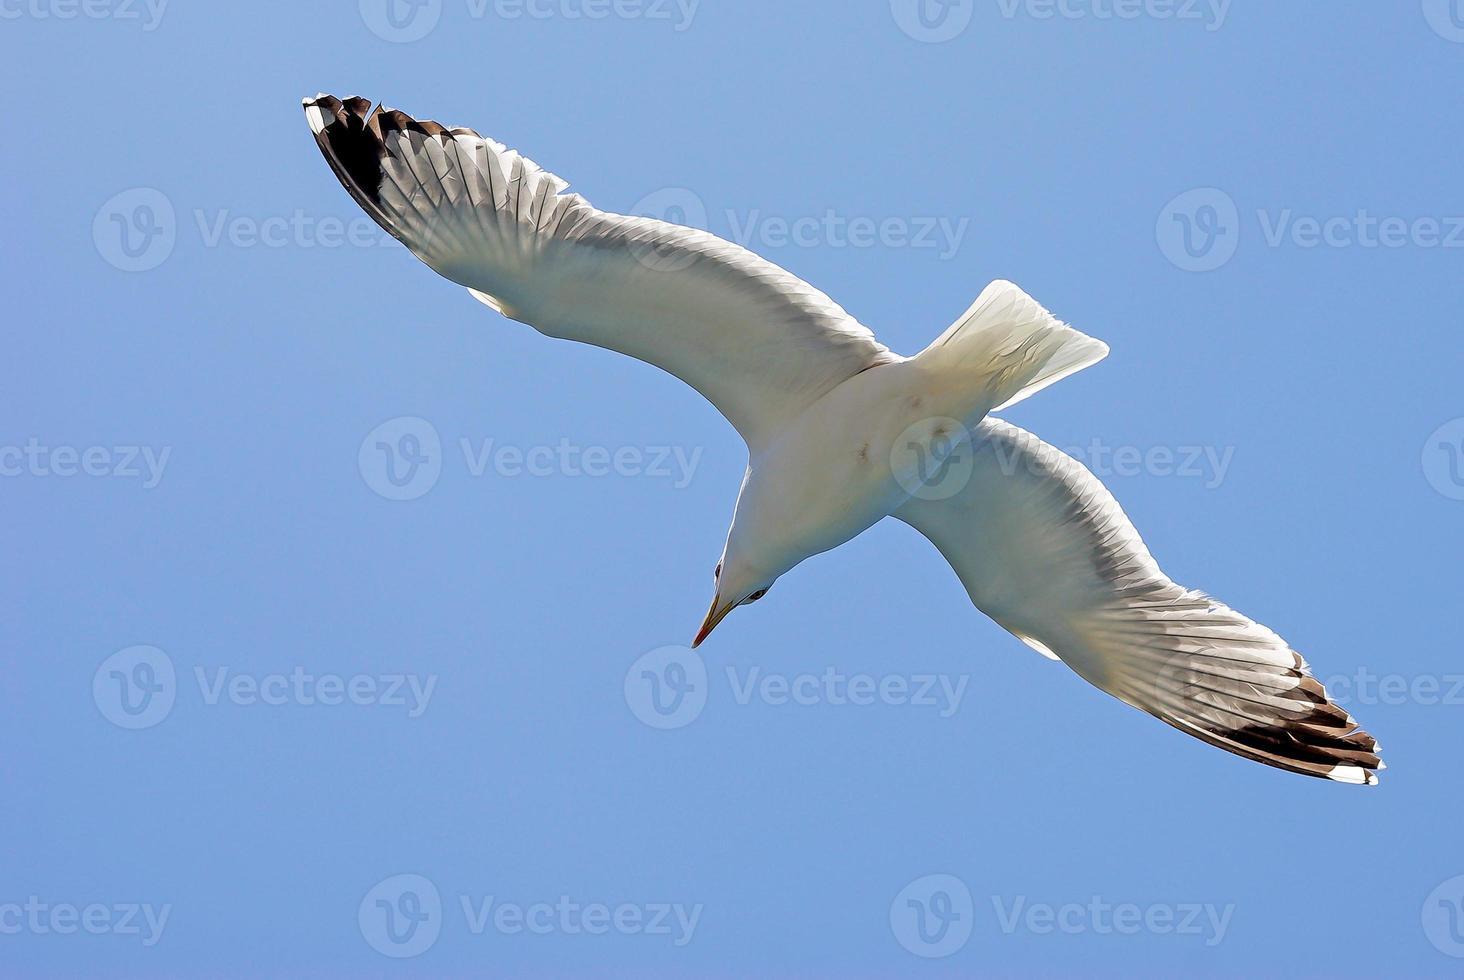 Seagull photo